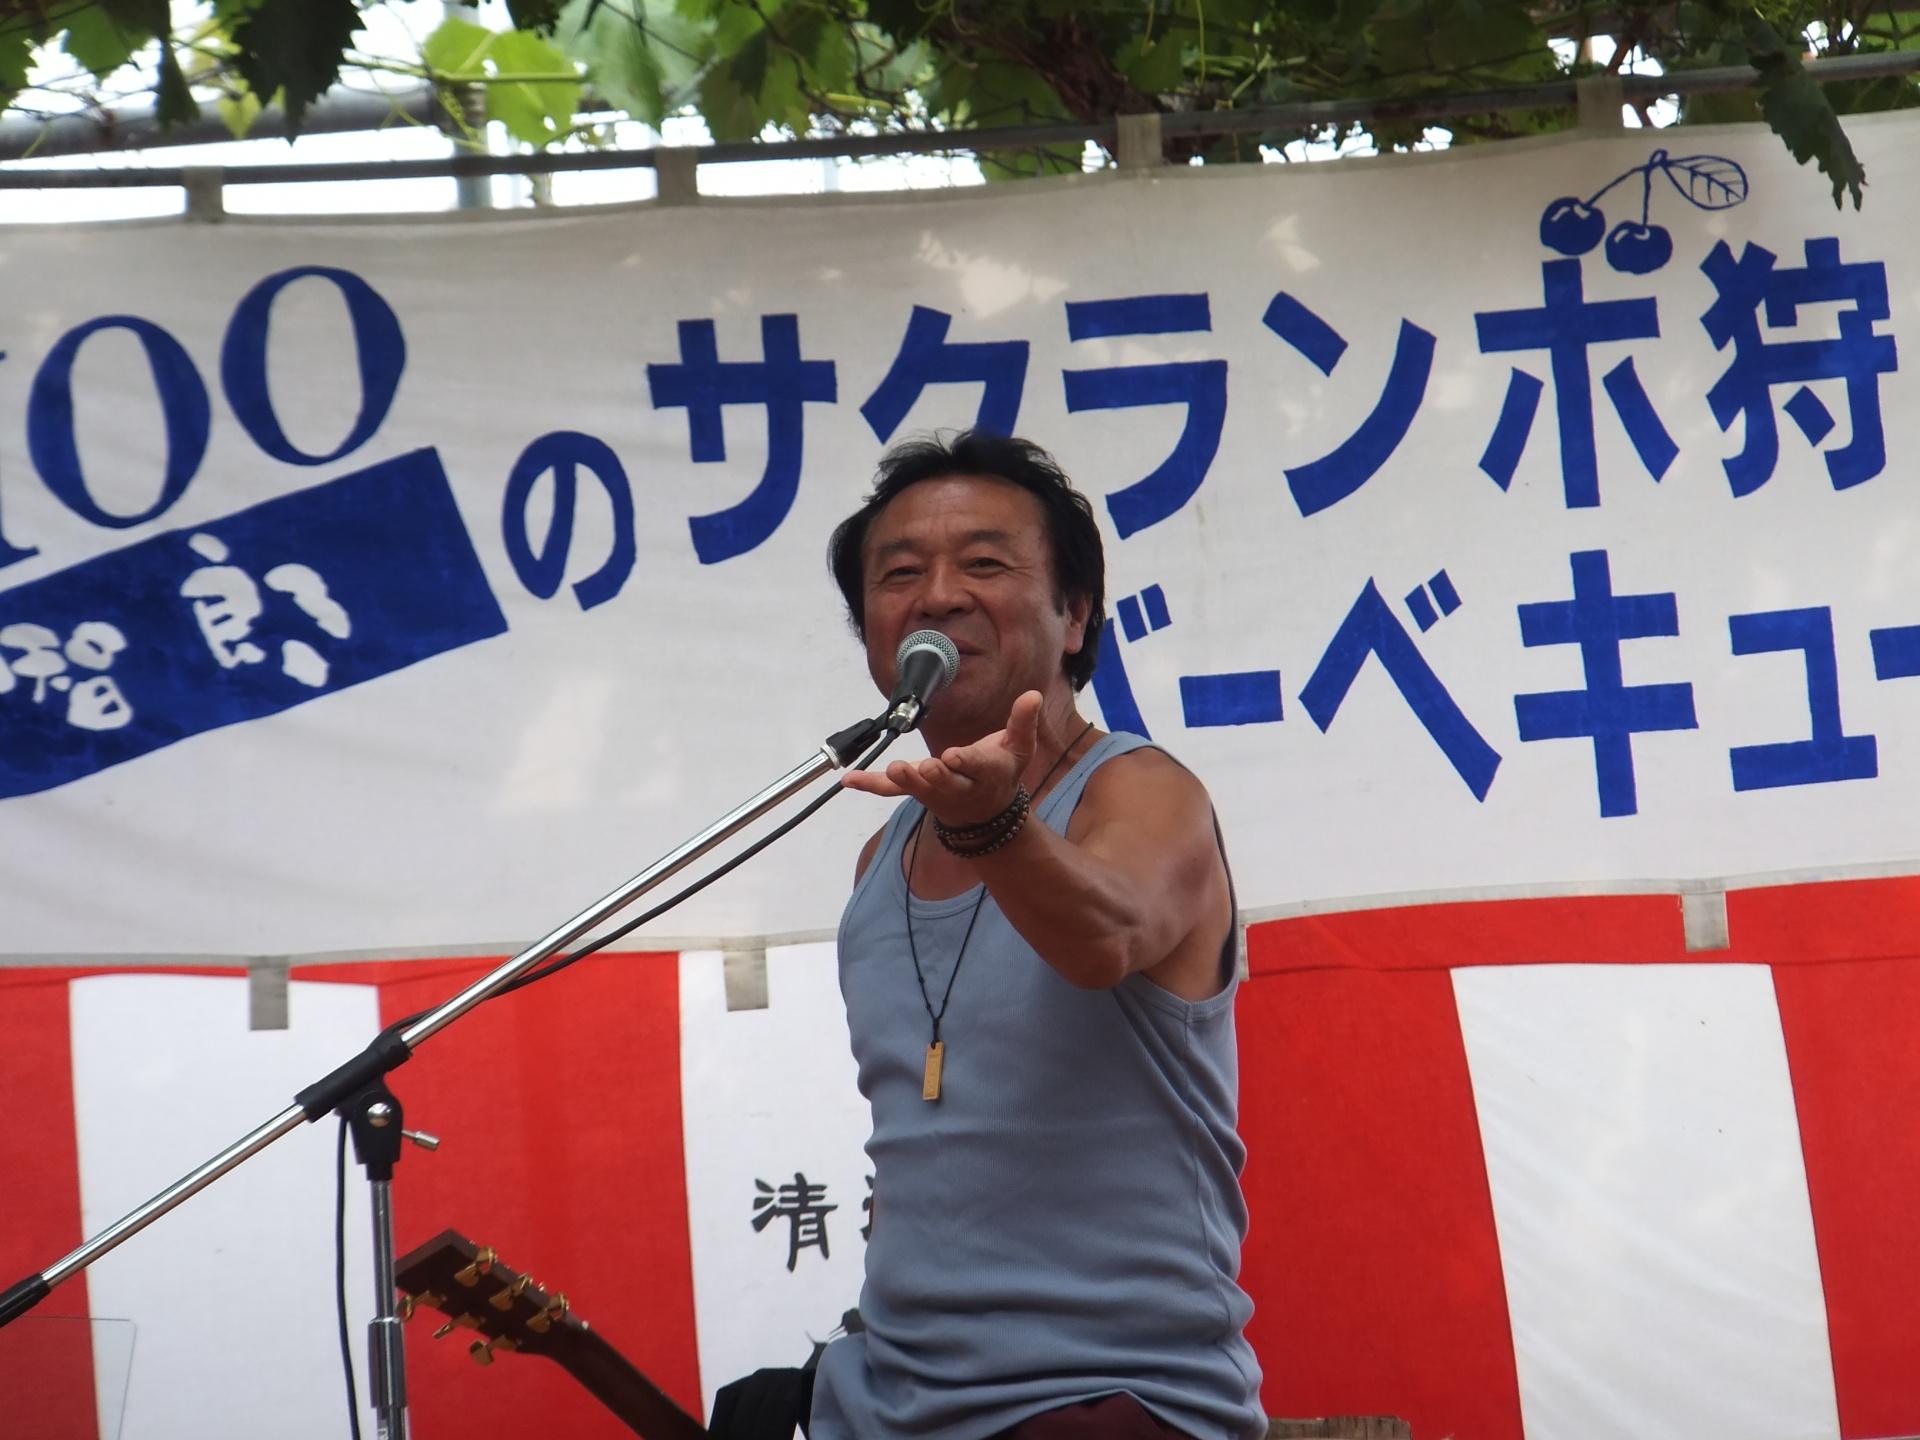 さくらんぼコンサート 075